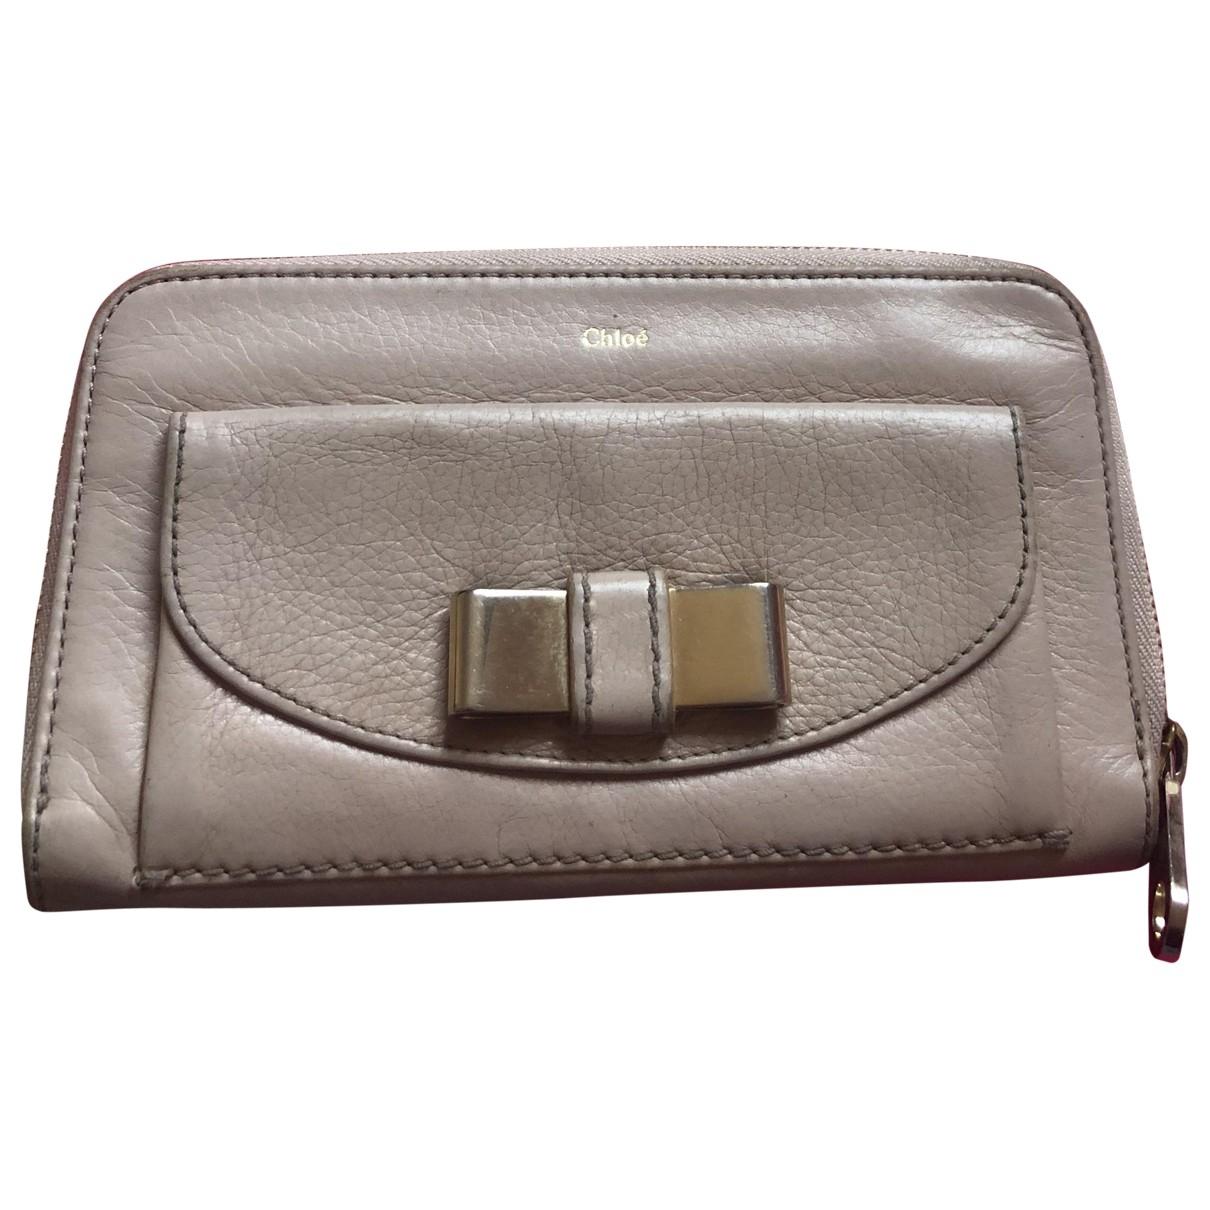 Chloé \N Beige Leather wallet for Women \N